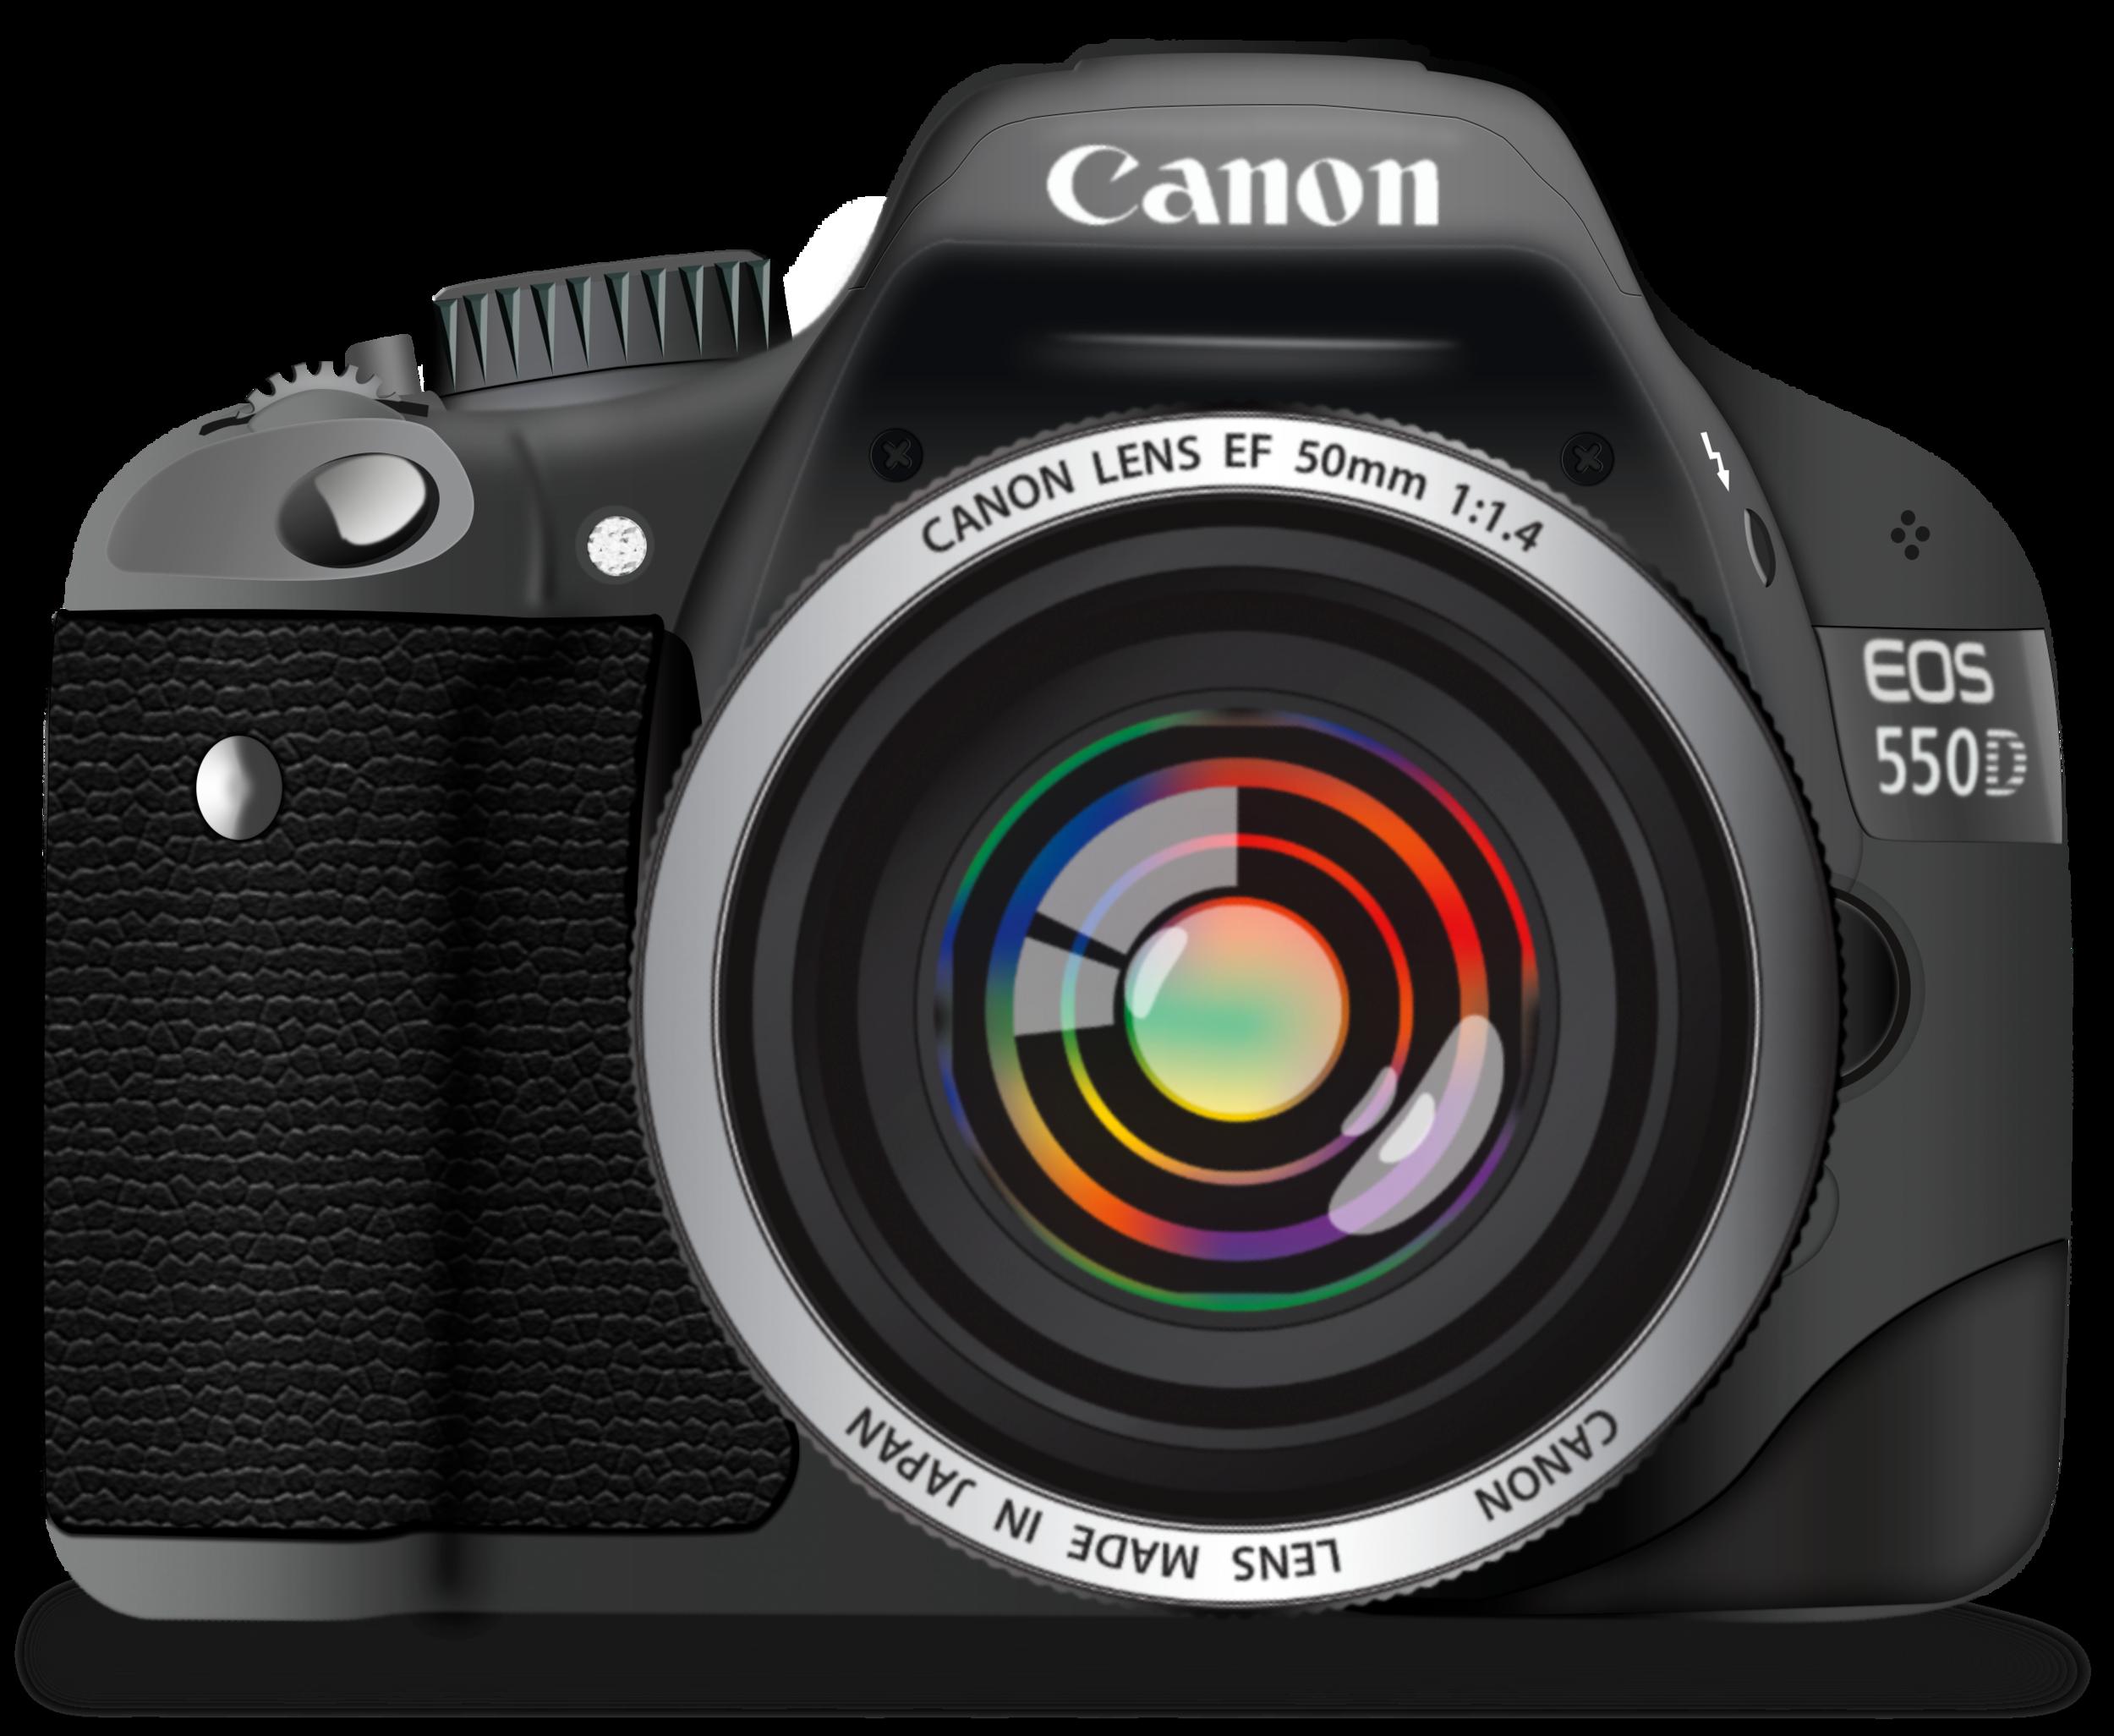 Tools Used:  Adobe Photoshop and Illustrator